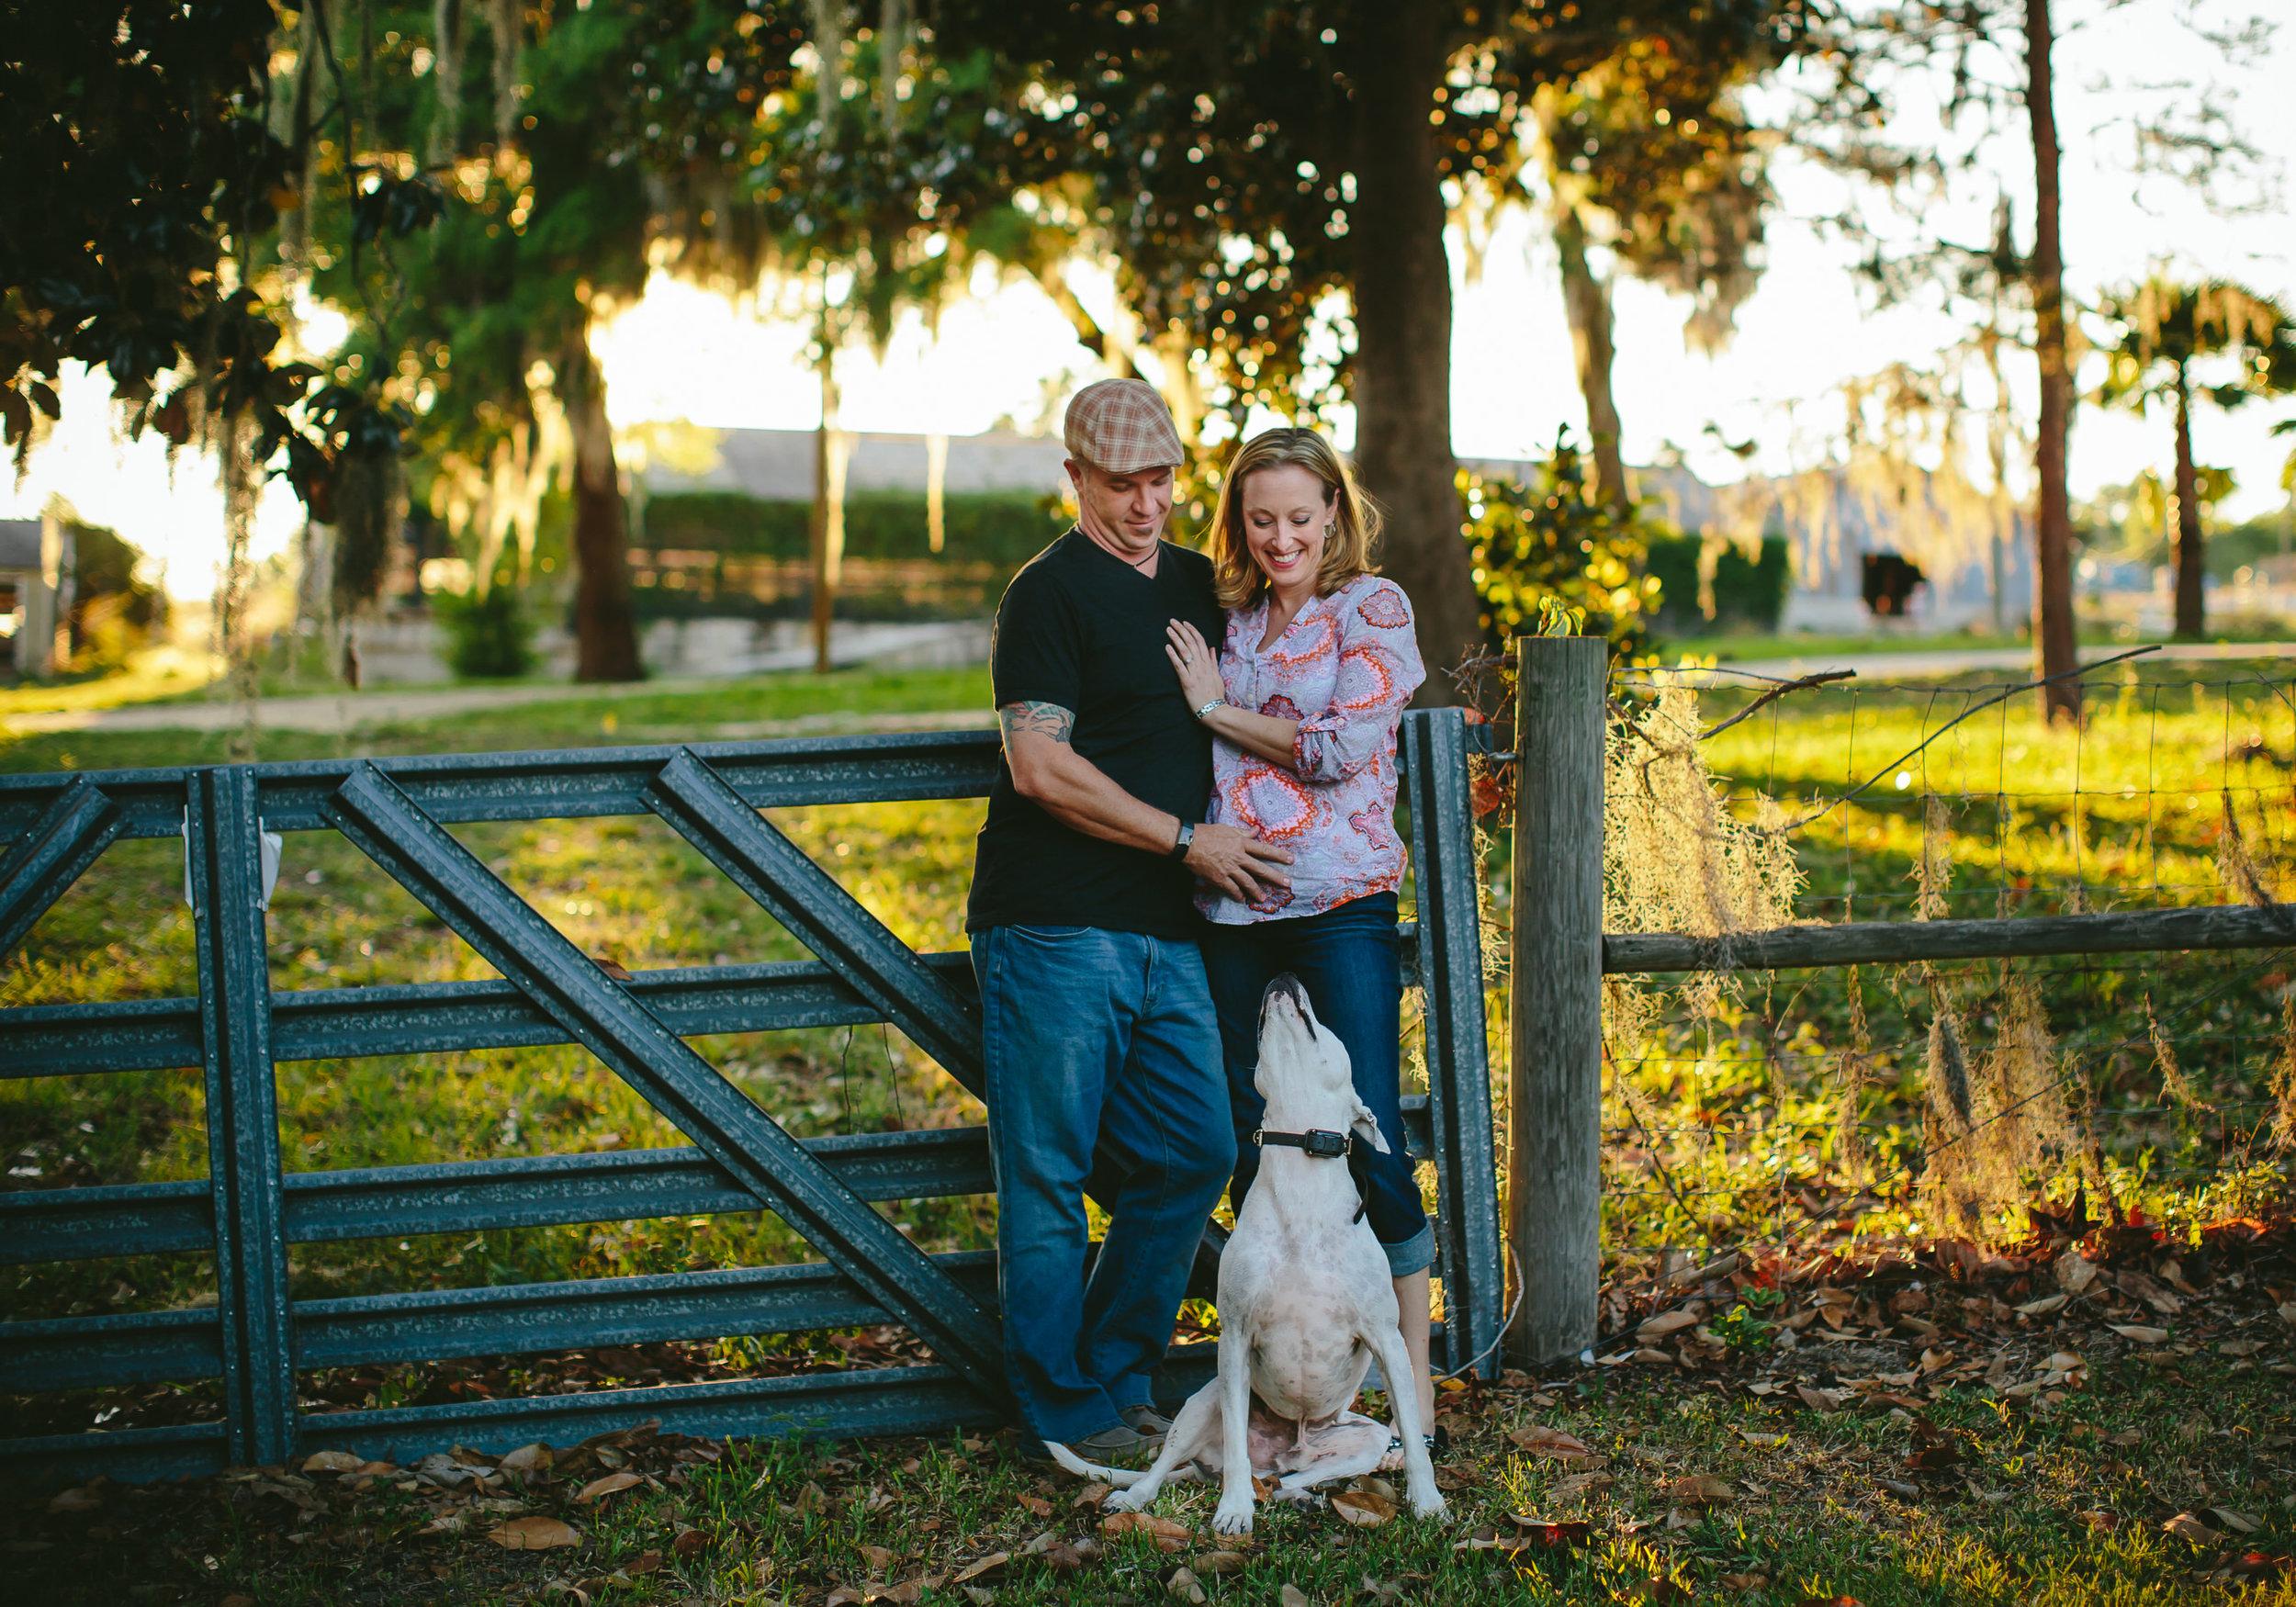 deaf_dog_adopted_brody_tiny_house_photo_stephanie_lynn.jpg